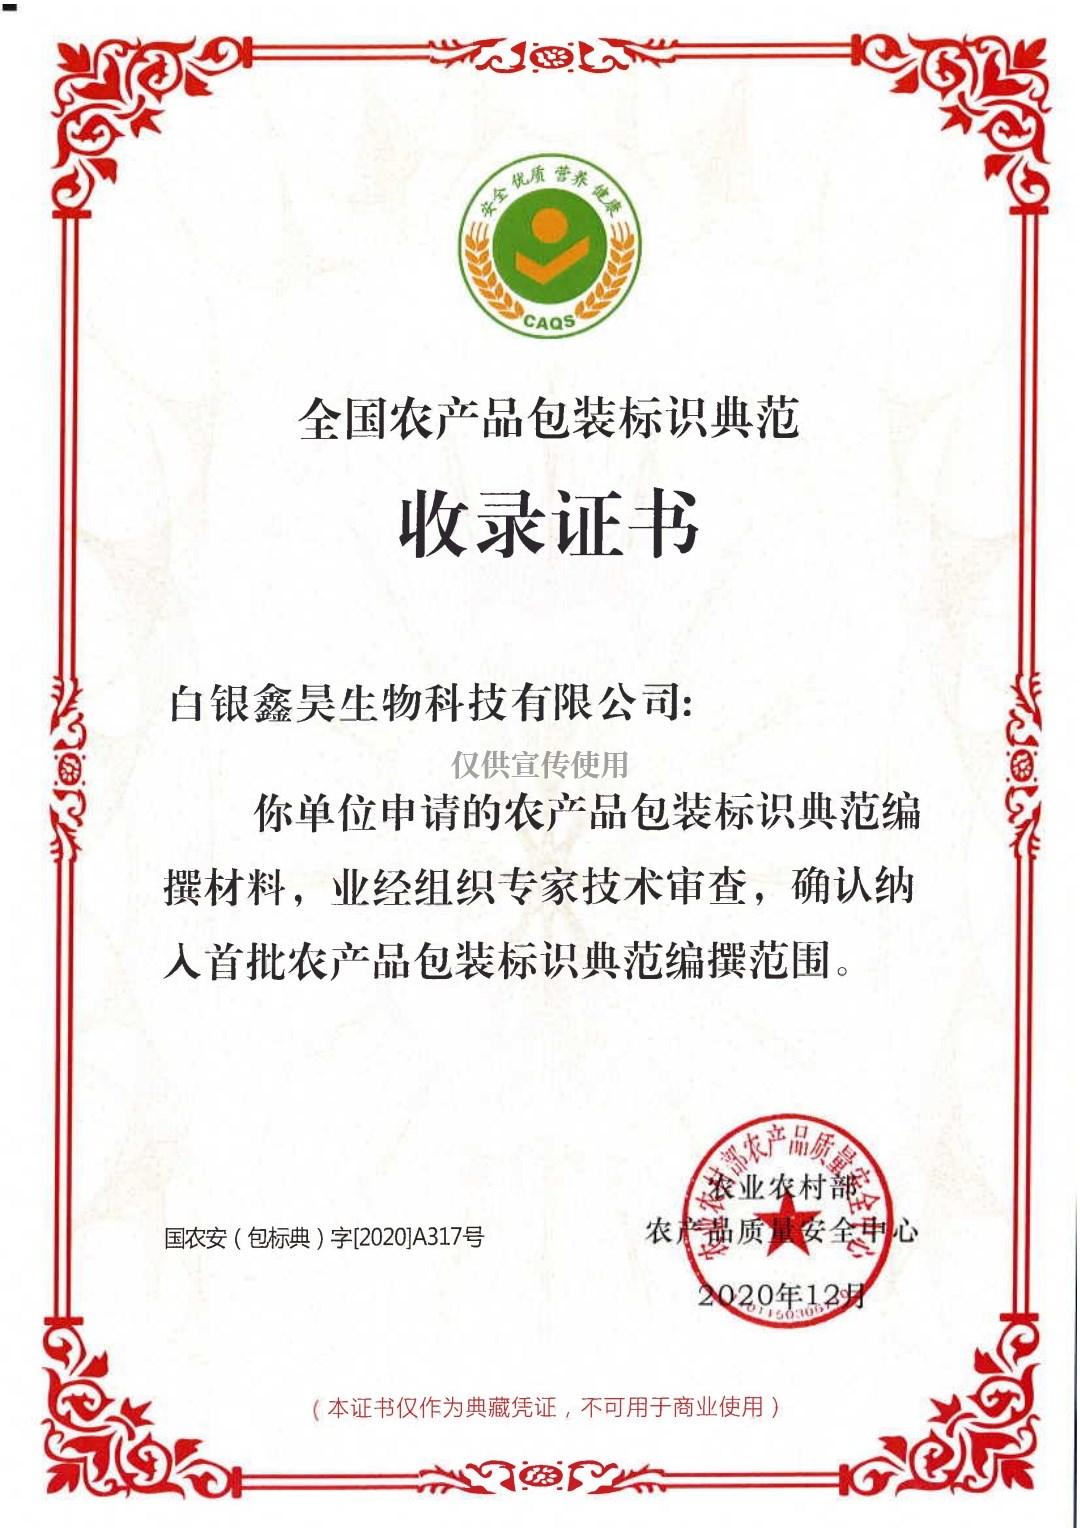 全国农产品包装标识典范收录证书